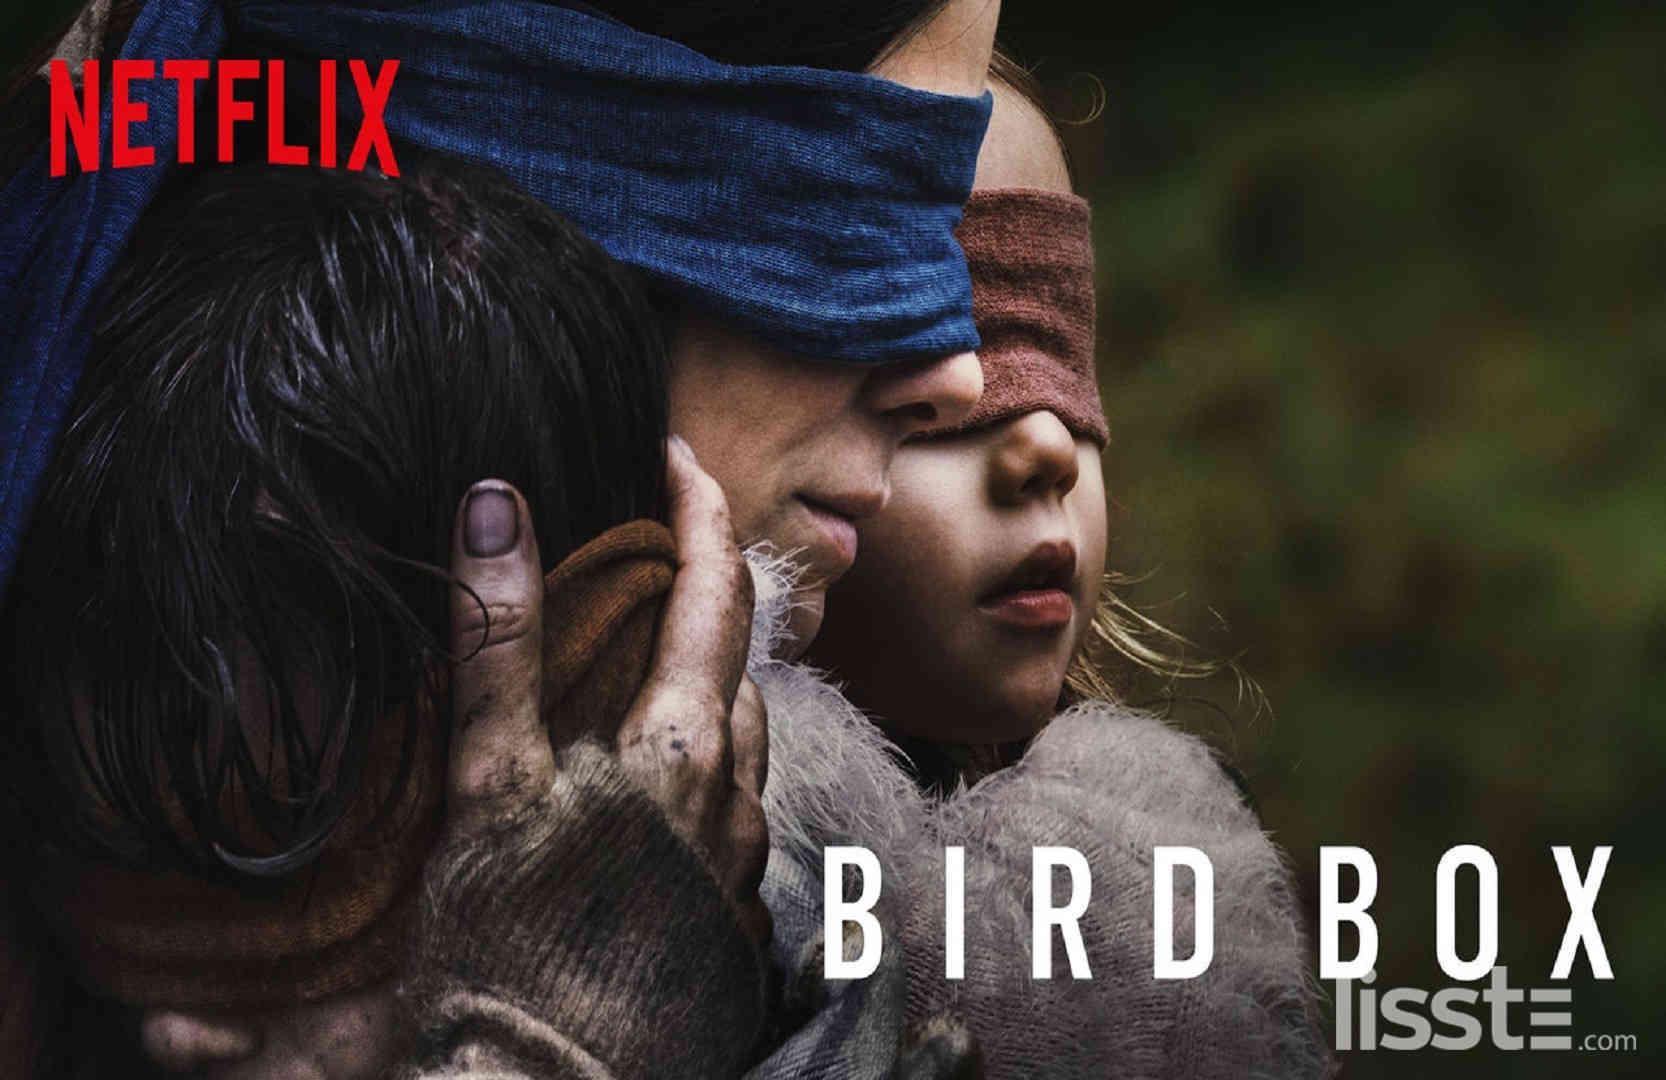 Netflix gerilim film önerileri 2020